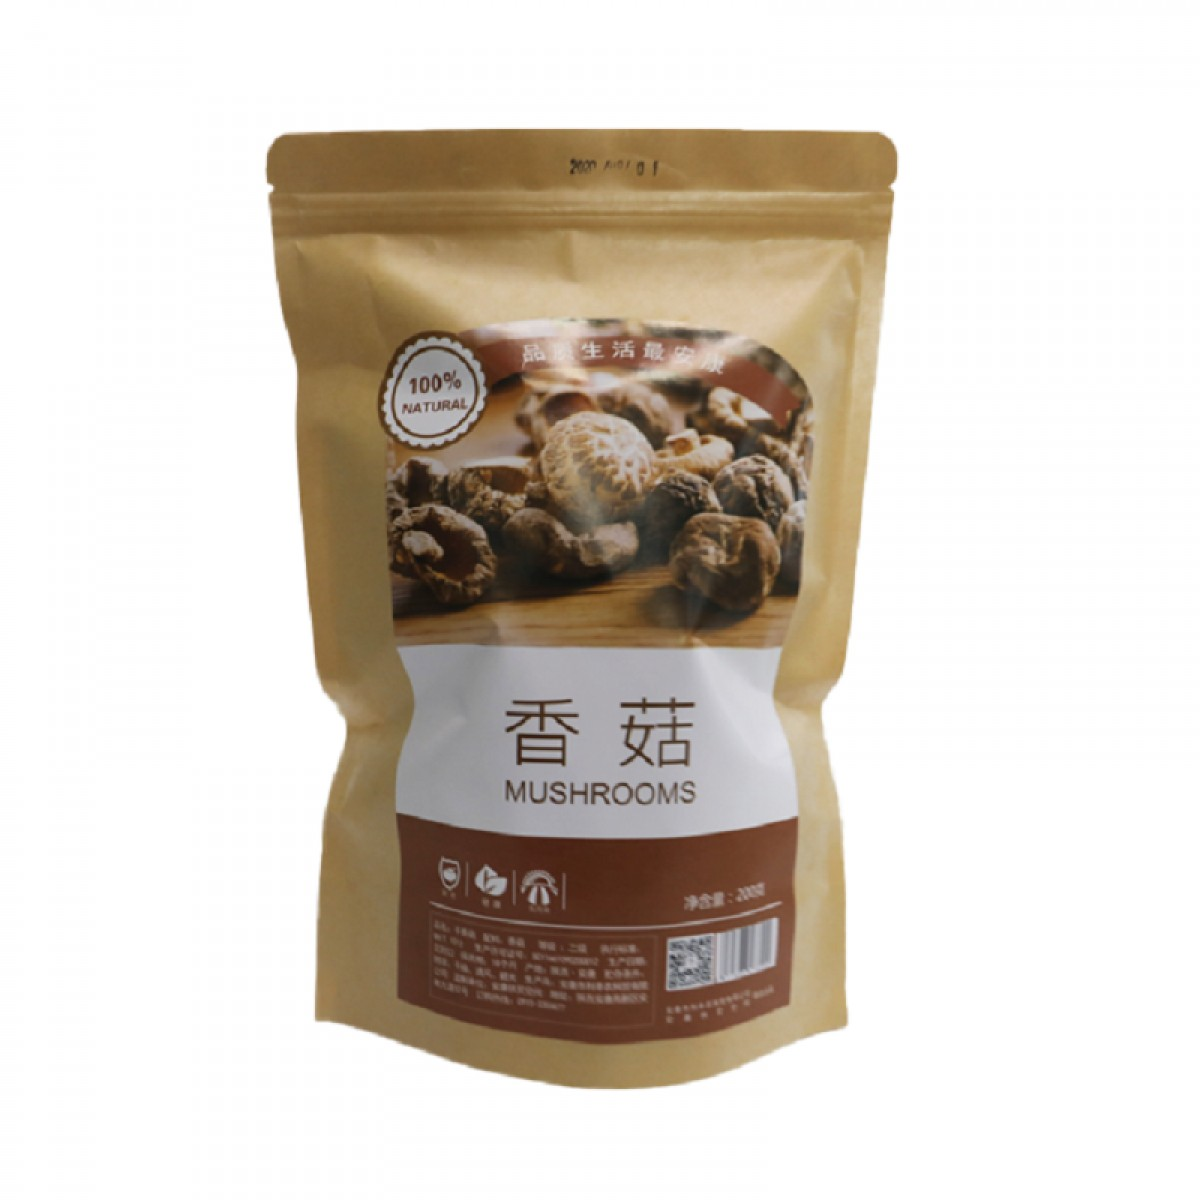 【最安康】最安康干香菇200g袋装